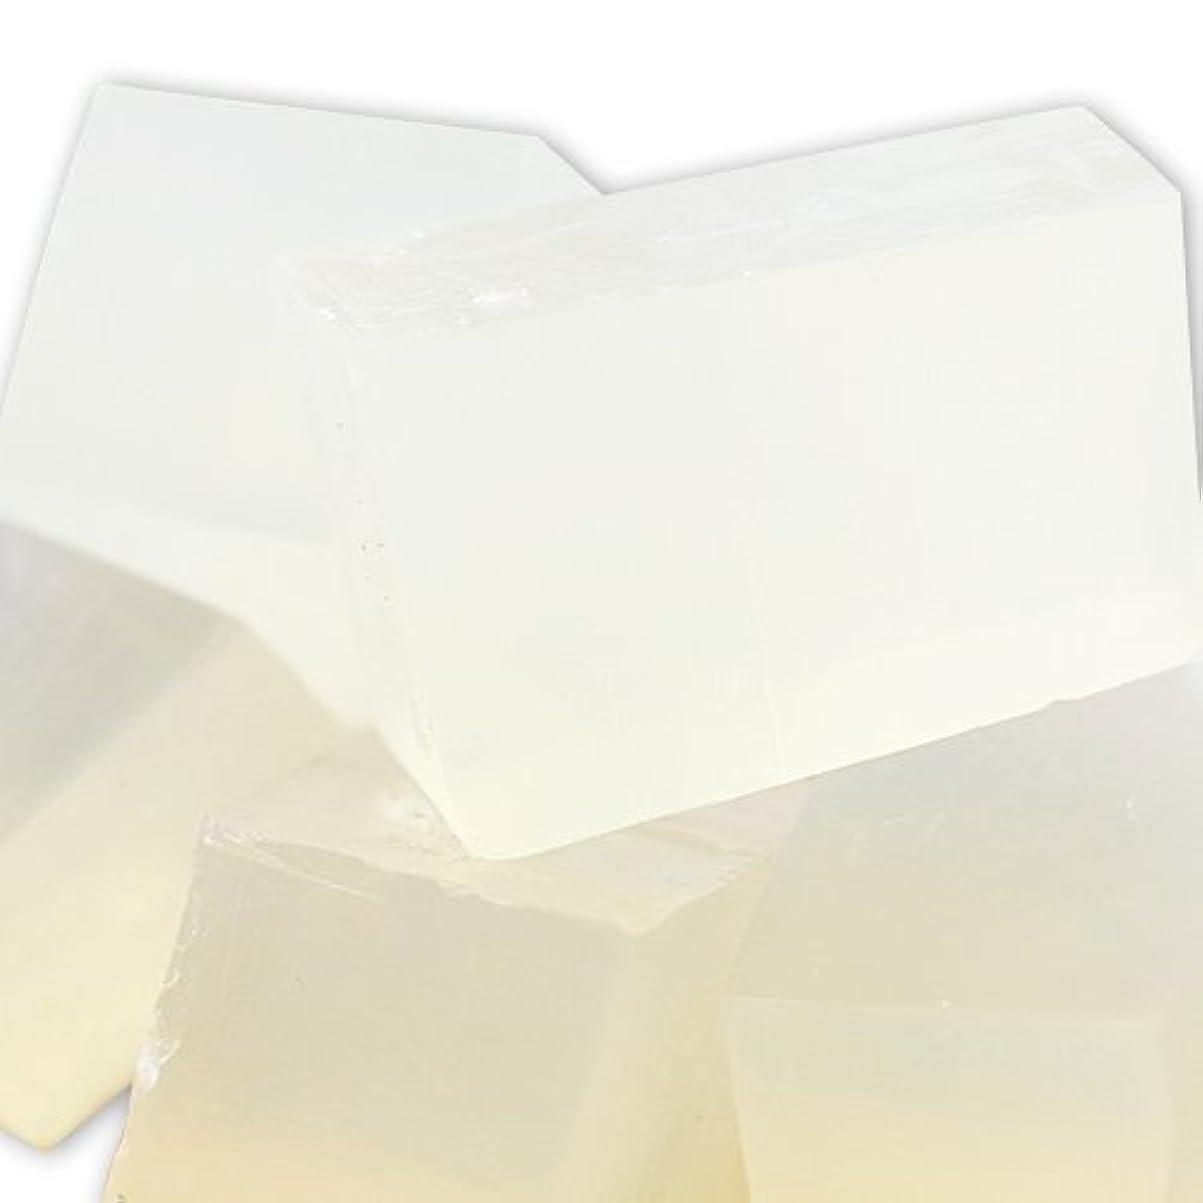 火山学見習い石のMPソープ [グリセリンソープ] クリア SLSフリー 1kg 【手作り石鹸/ハンドメイドソープ】